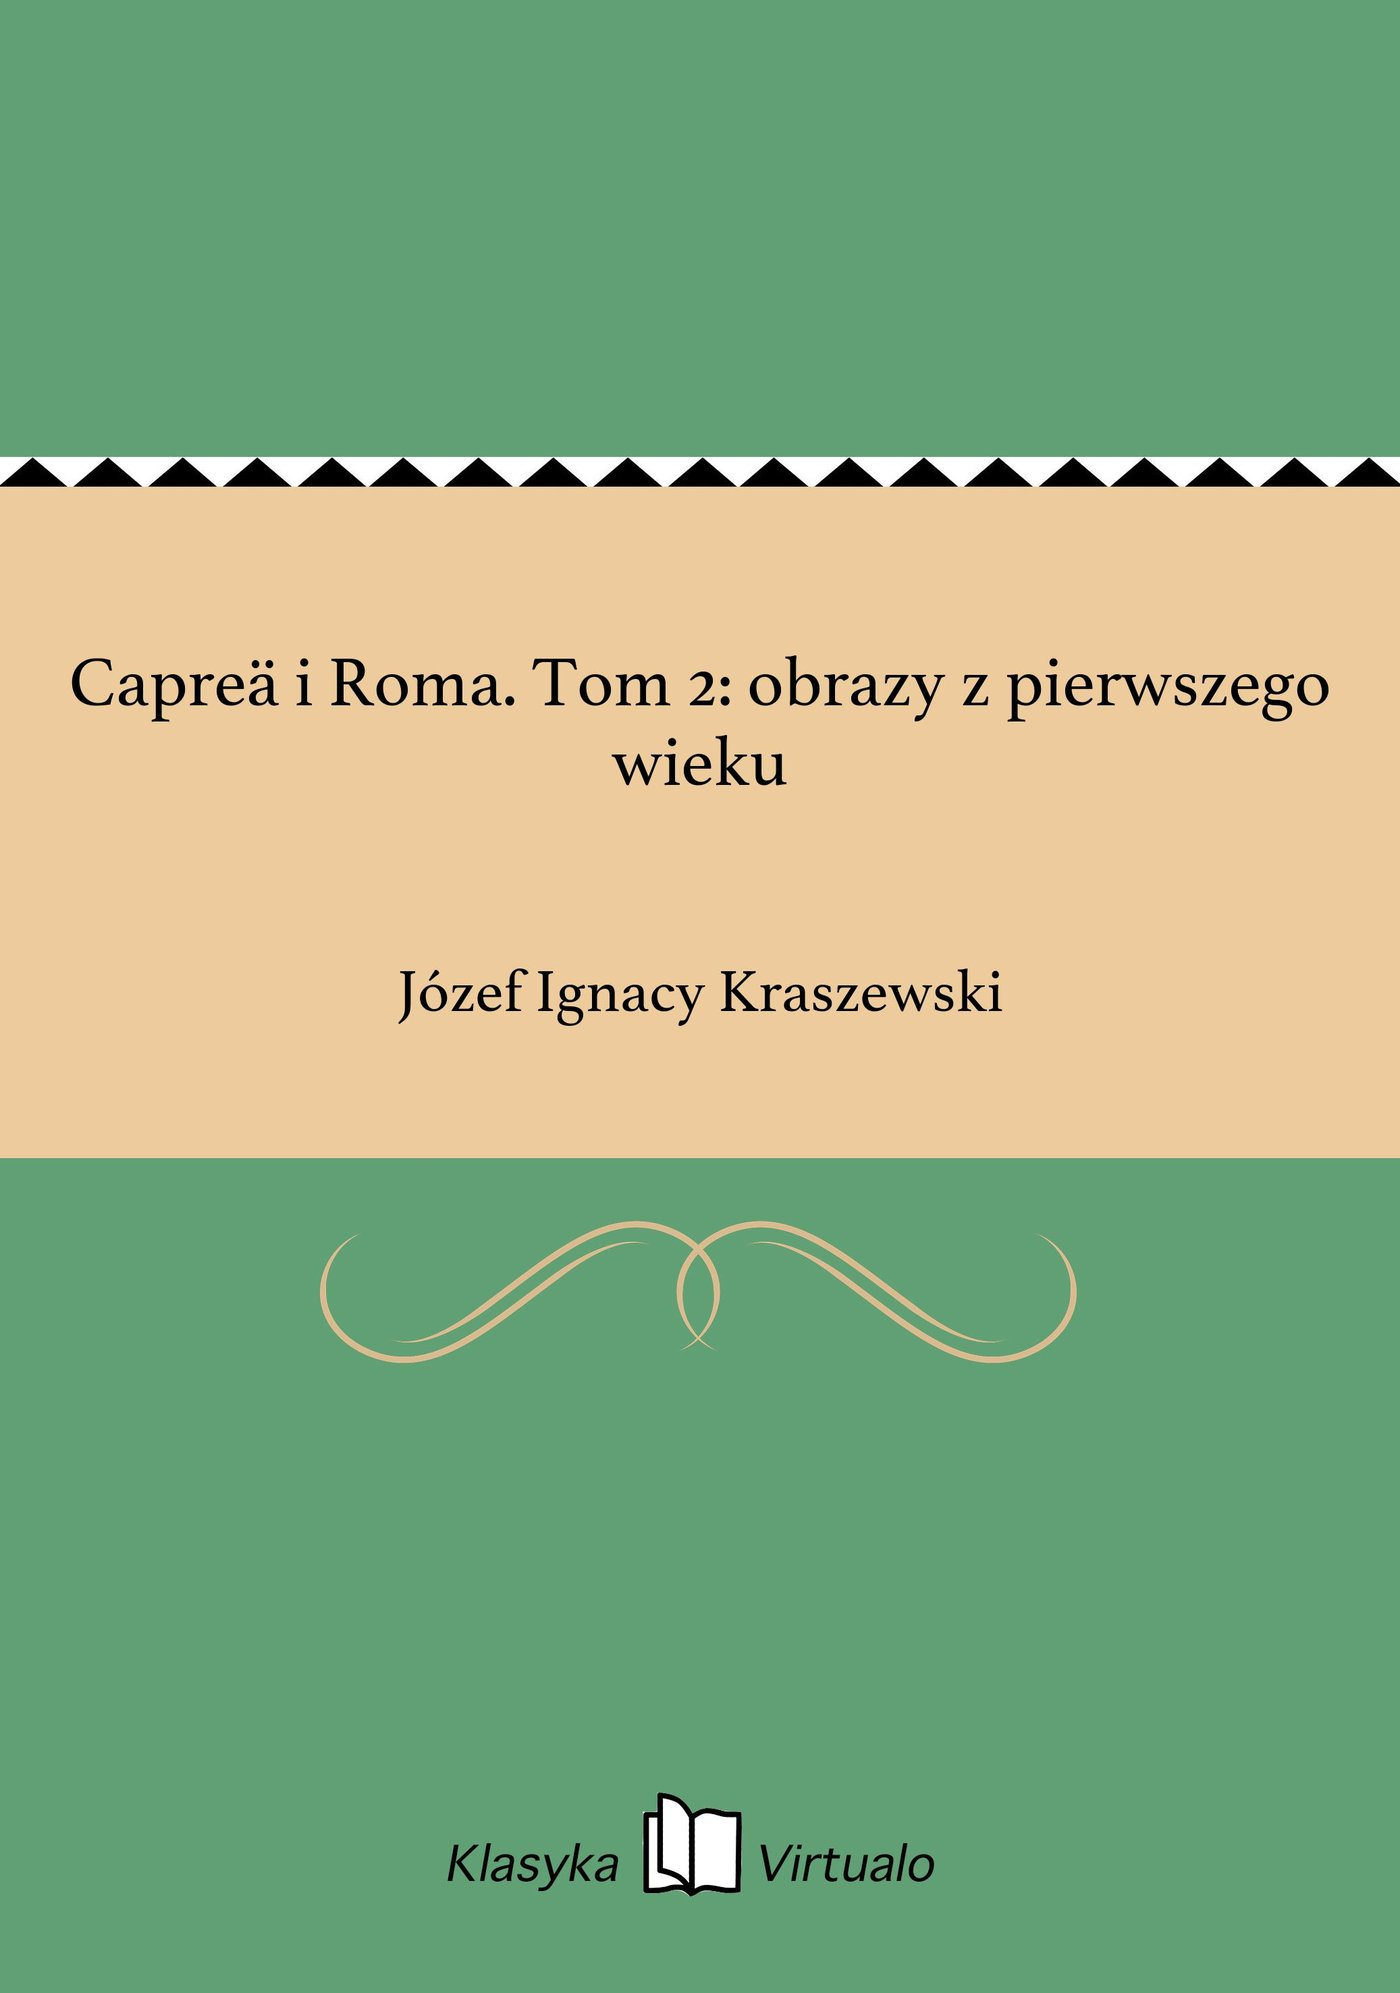 Capreä i Roma. Tom 2: obrazy z pierwszego wieku - Ebook (Książka na Kindle) do pobrania w formacie MOBI